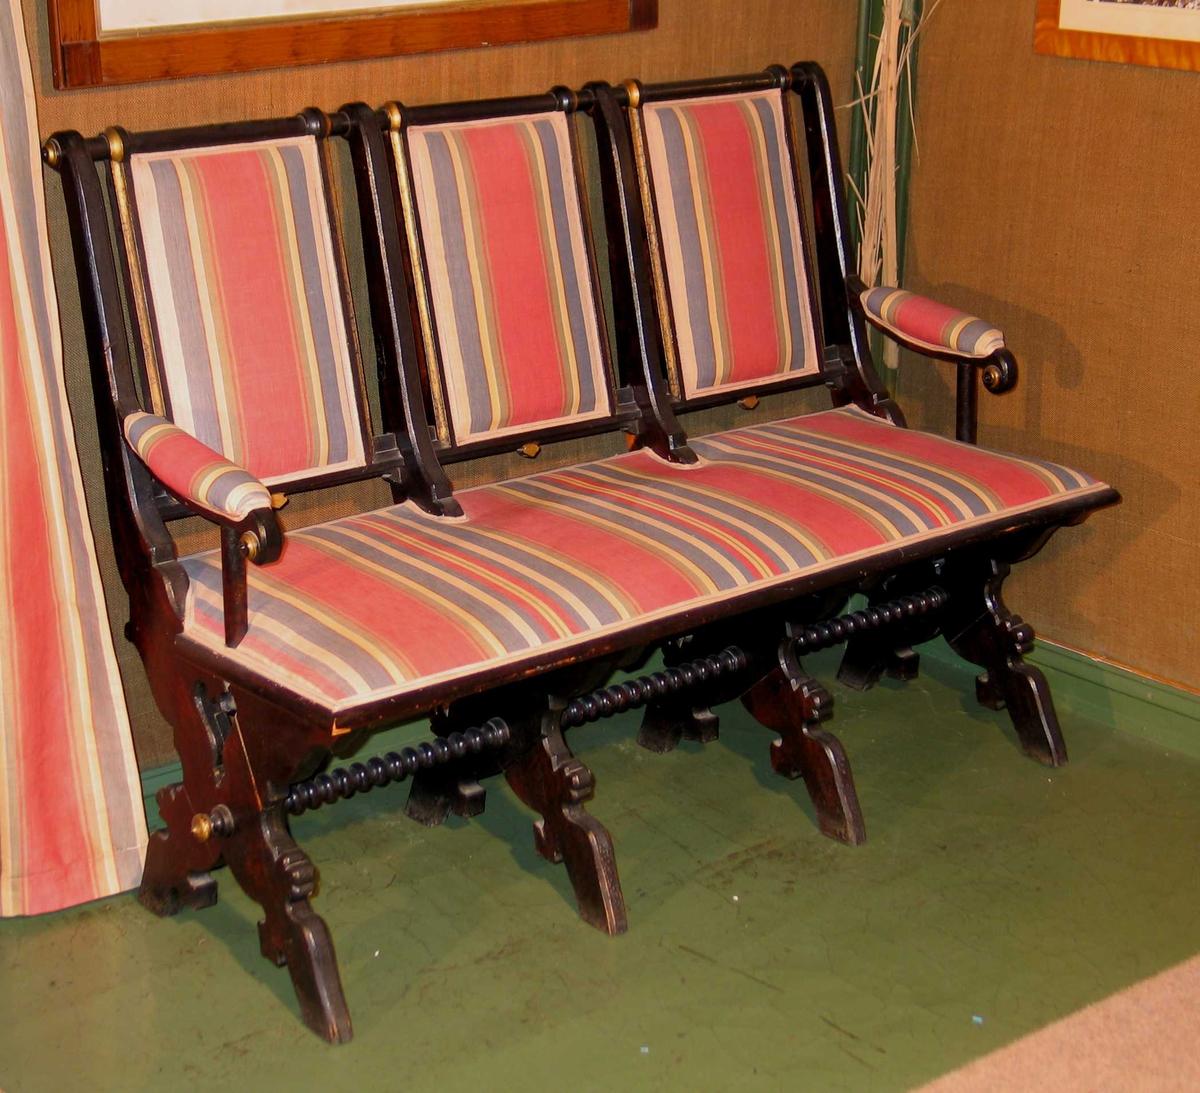 Svartmalt benk satt sammen av tre stoler. Kraftige profilerte bukkeben med kuledreid sprosse mellom. Rygg og sete trukket i et flerfarget stripet stoff. Gullmalte detaljer på rygg og sprosse. Stoppet armlene.